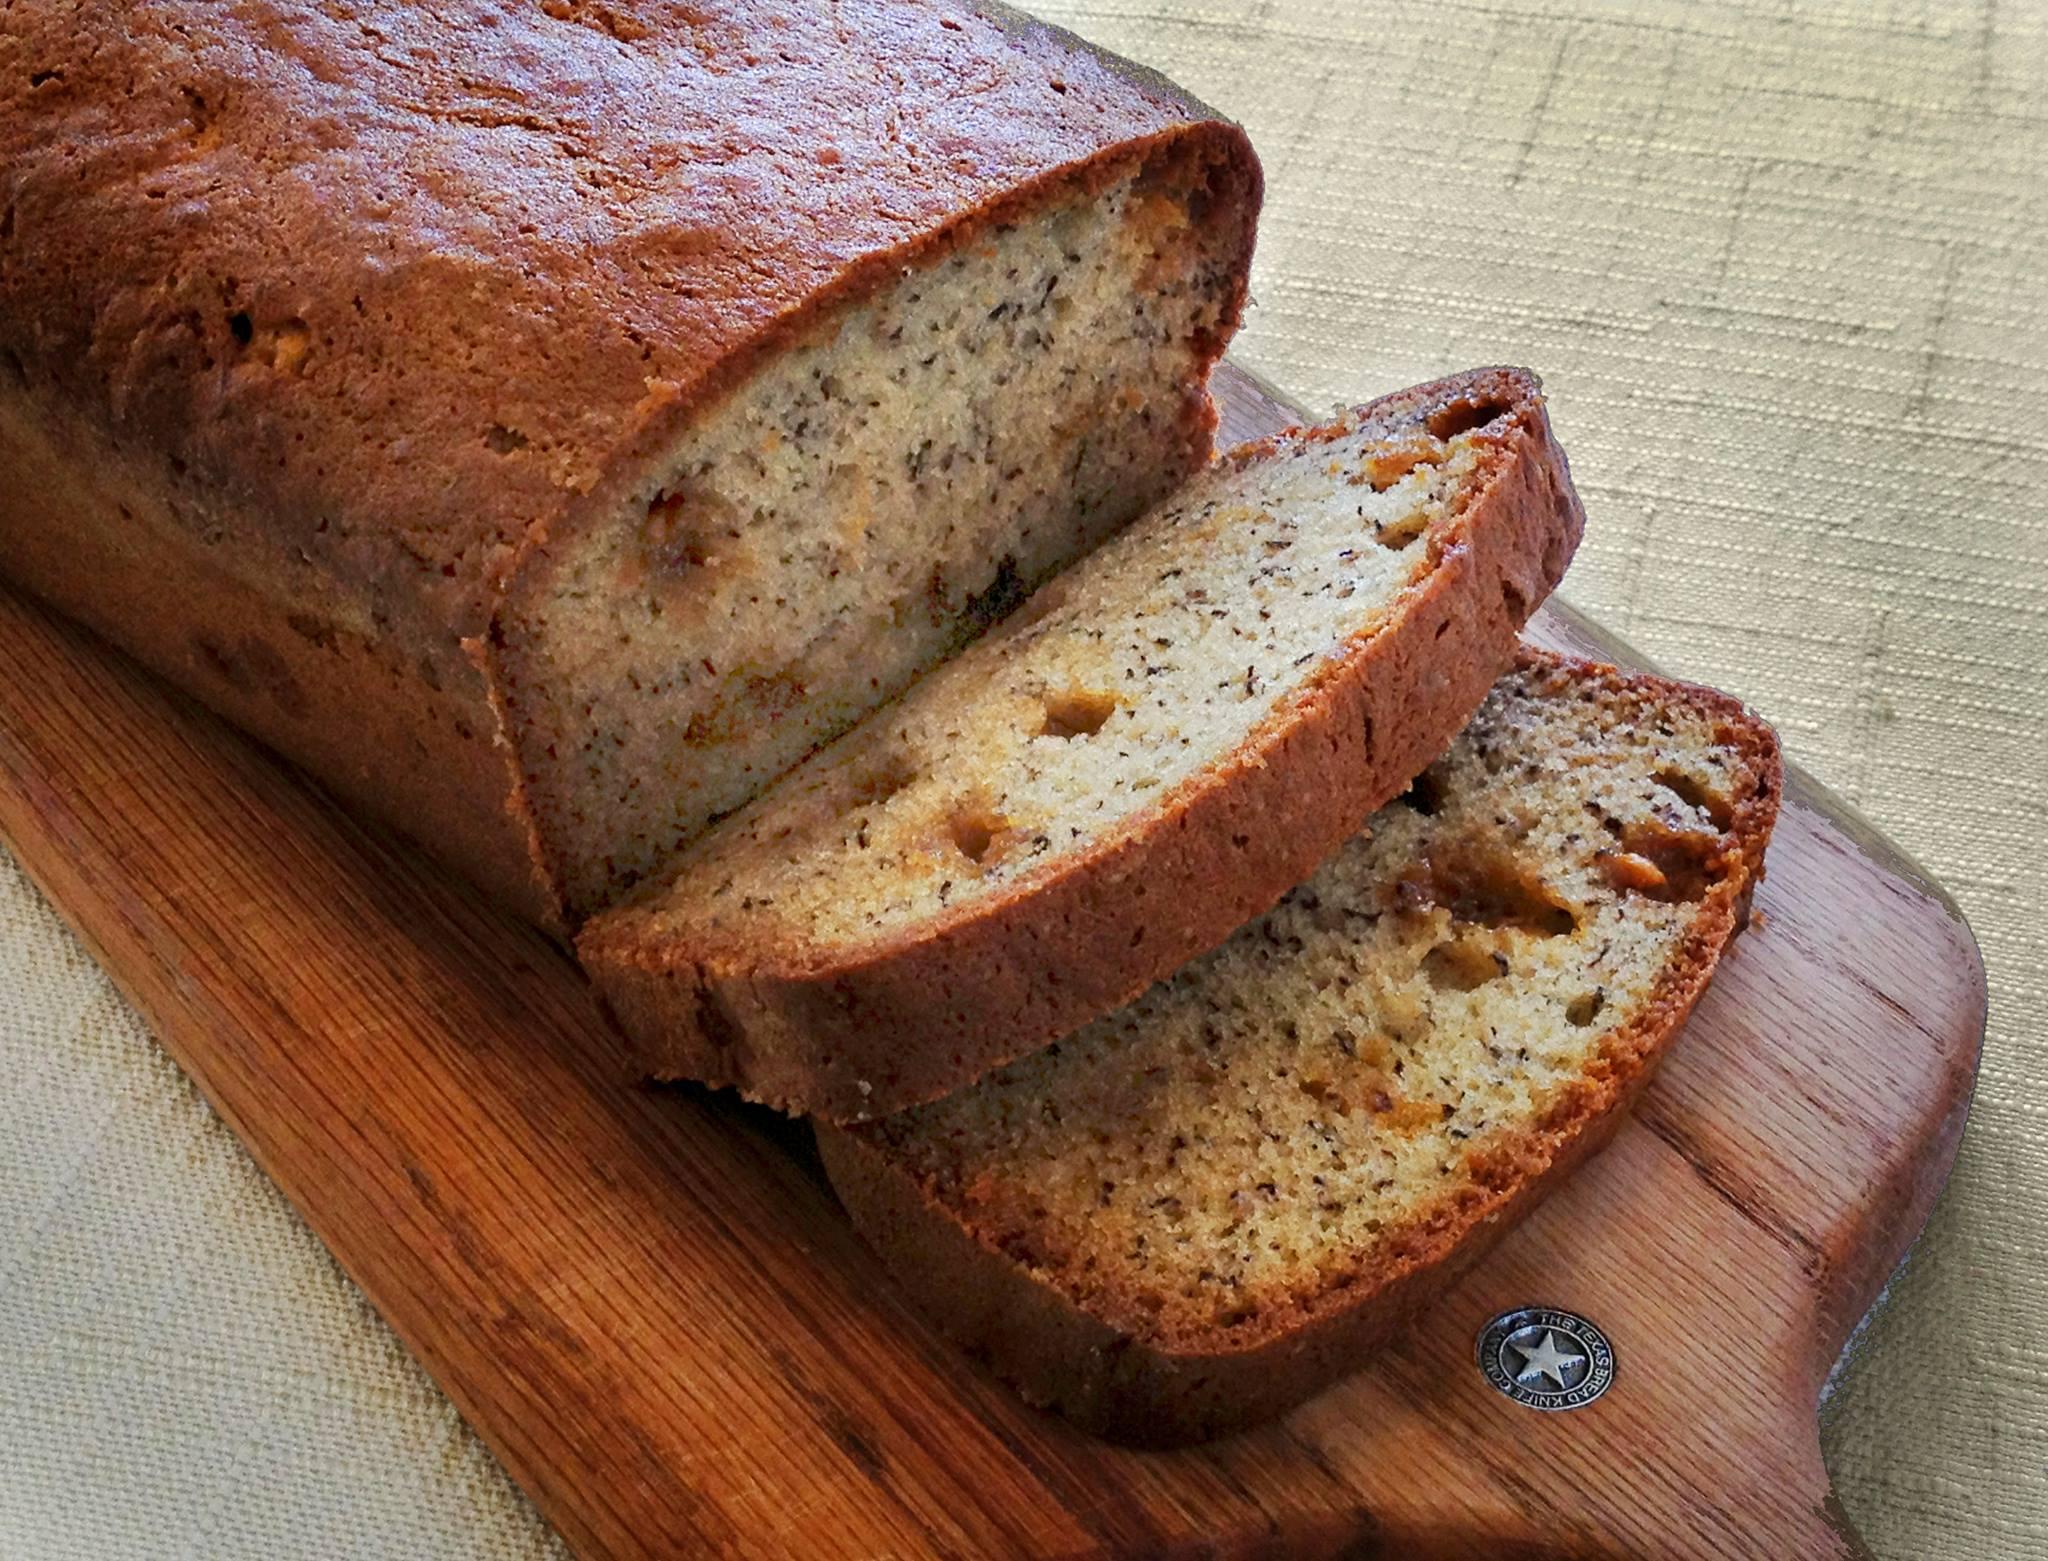 BANANA-SCOTCH BREAD